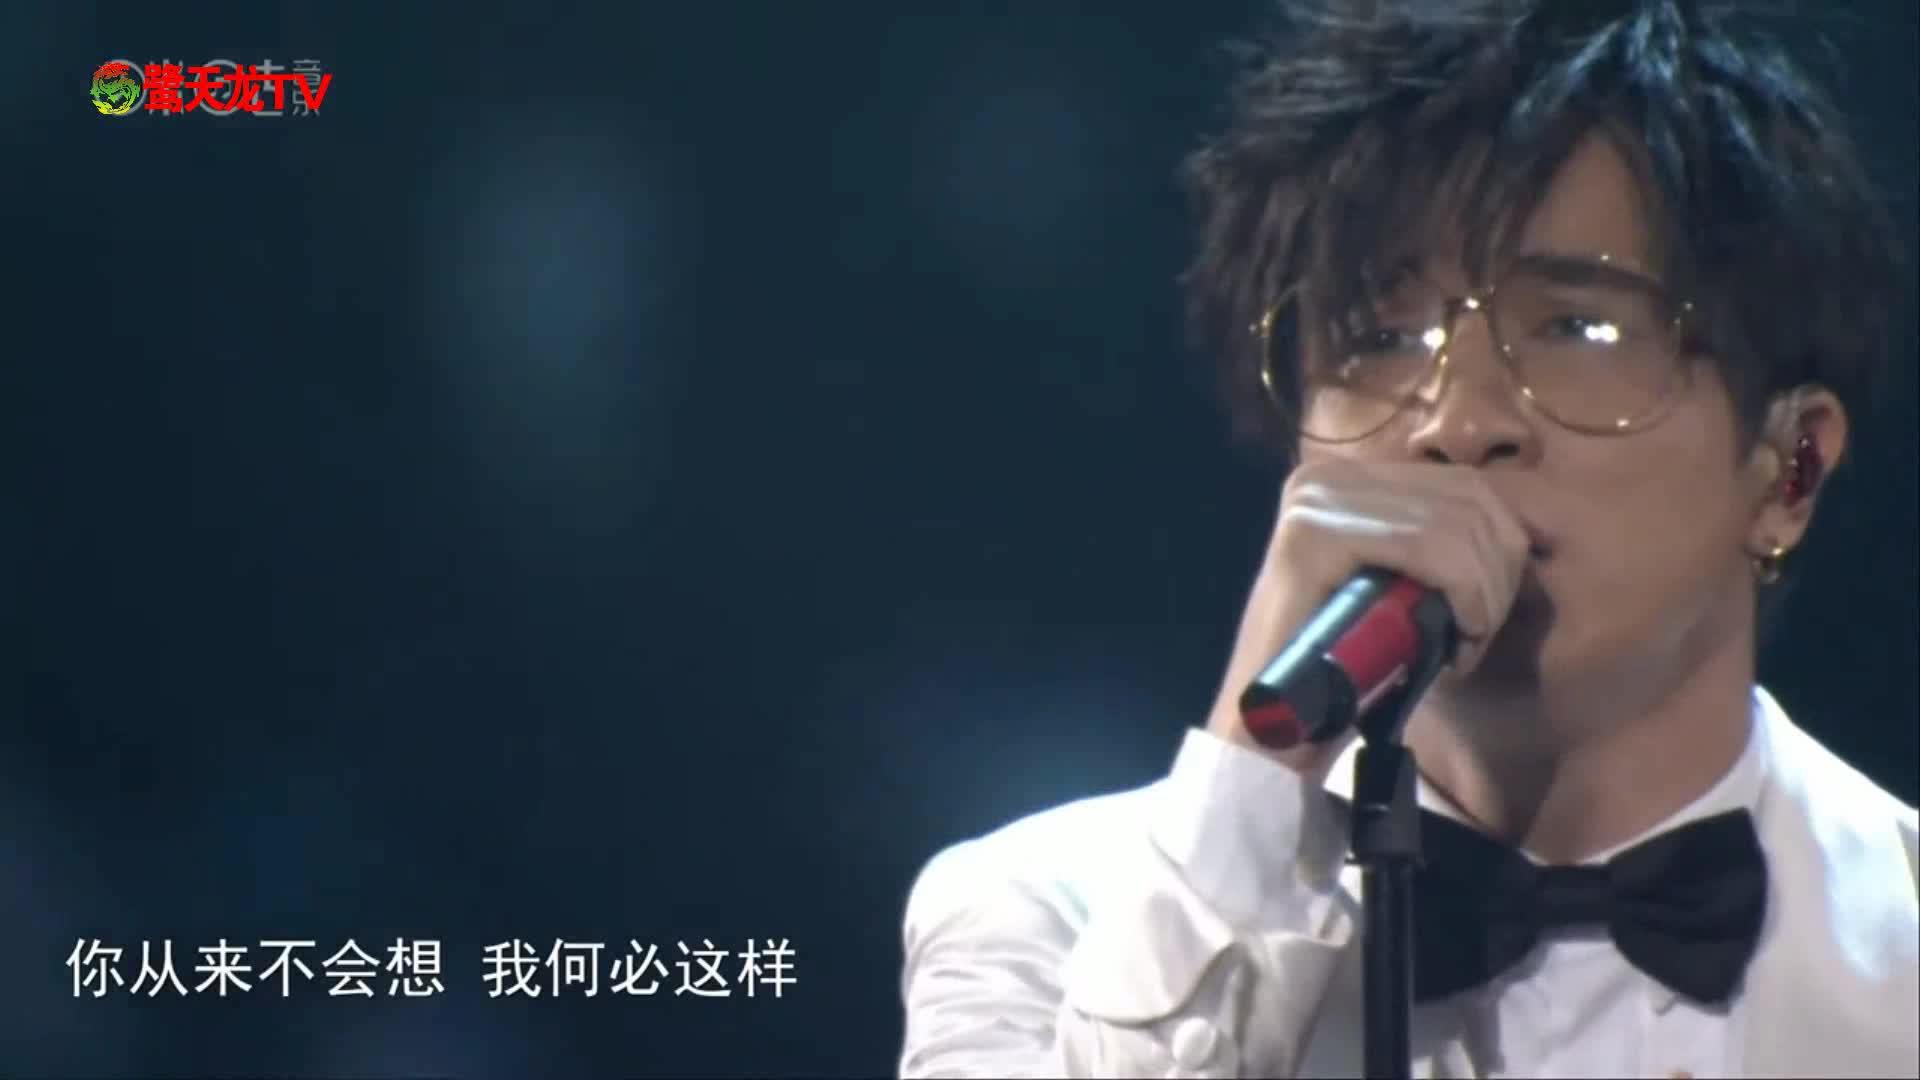 第十一届音乐盛典咪咕汇:薛之谦《刚刚好》